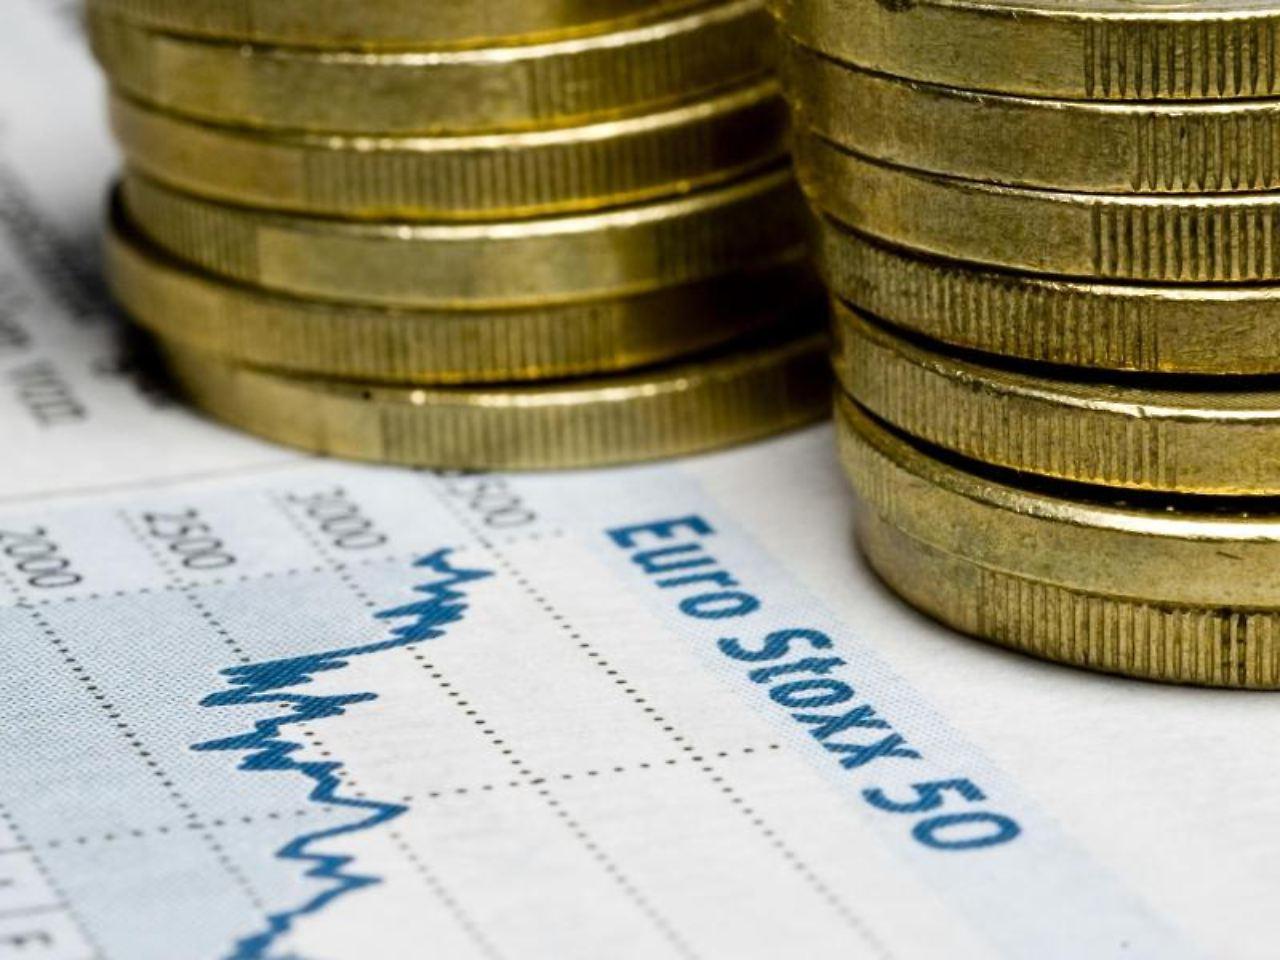 Wer heutzutage Geld anlegen will, hat unendlich viele Möglichkeiten: Aktien, Fonds, Immobilien oder Zinsprodukte wie das Sparbuch, Anleihen, Tagesgeld oder Festgeld.